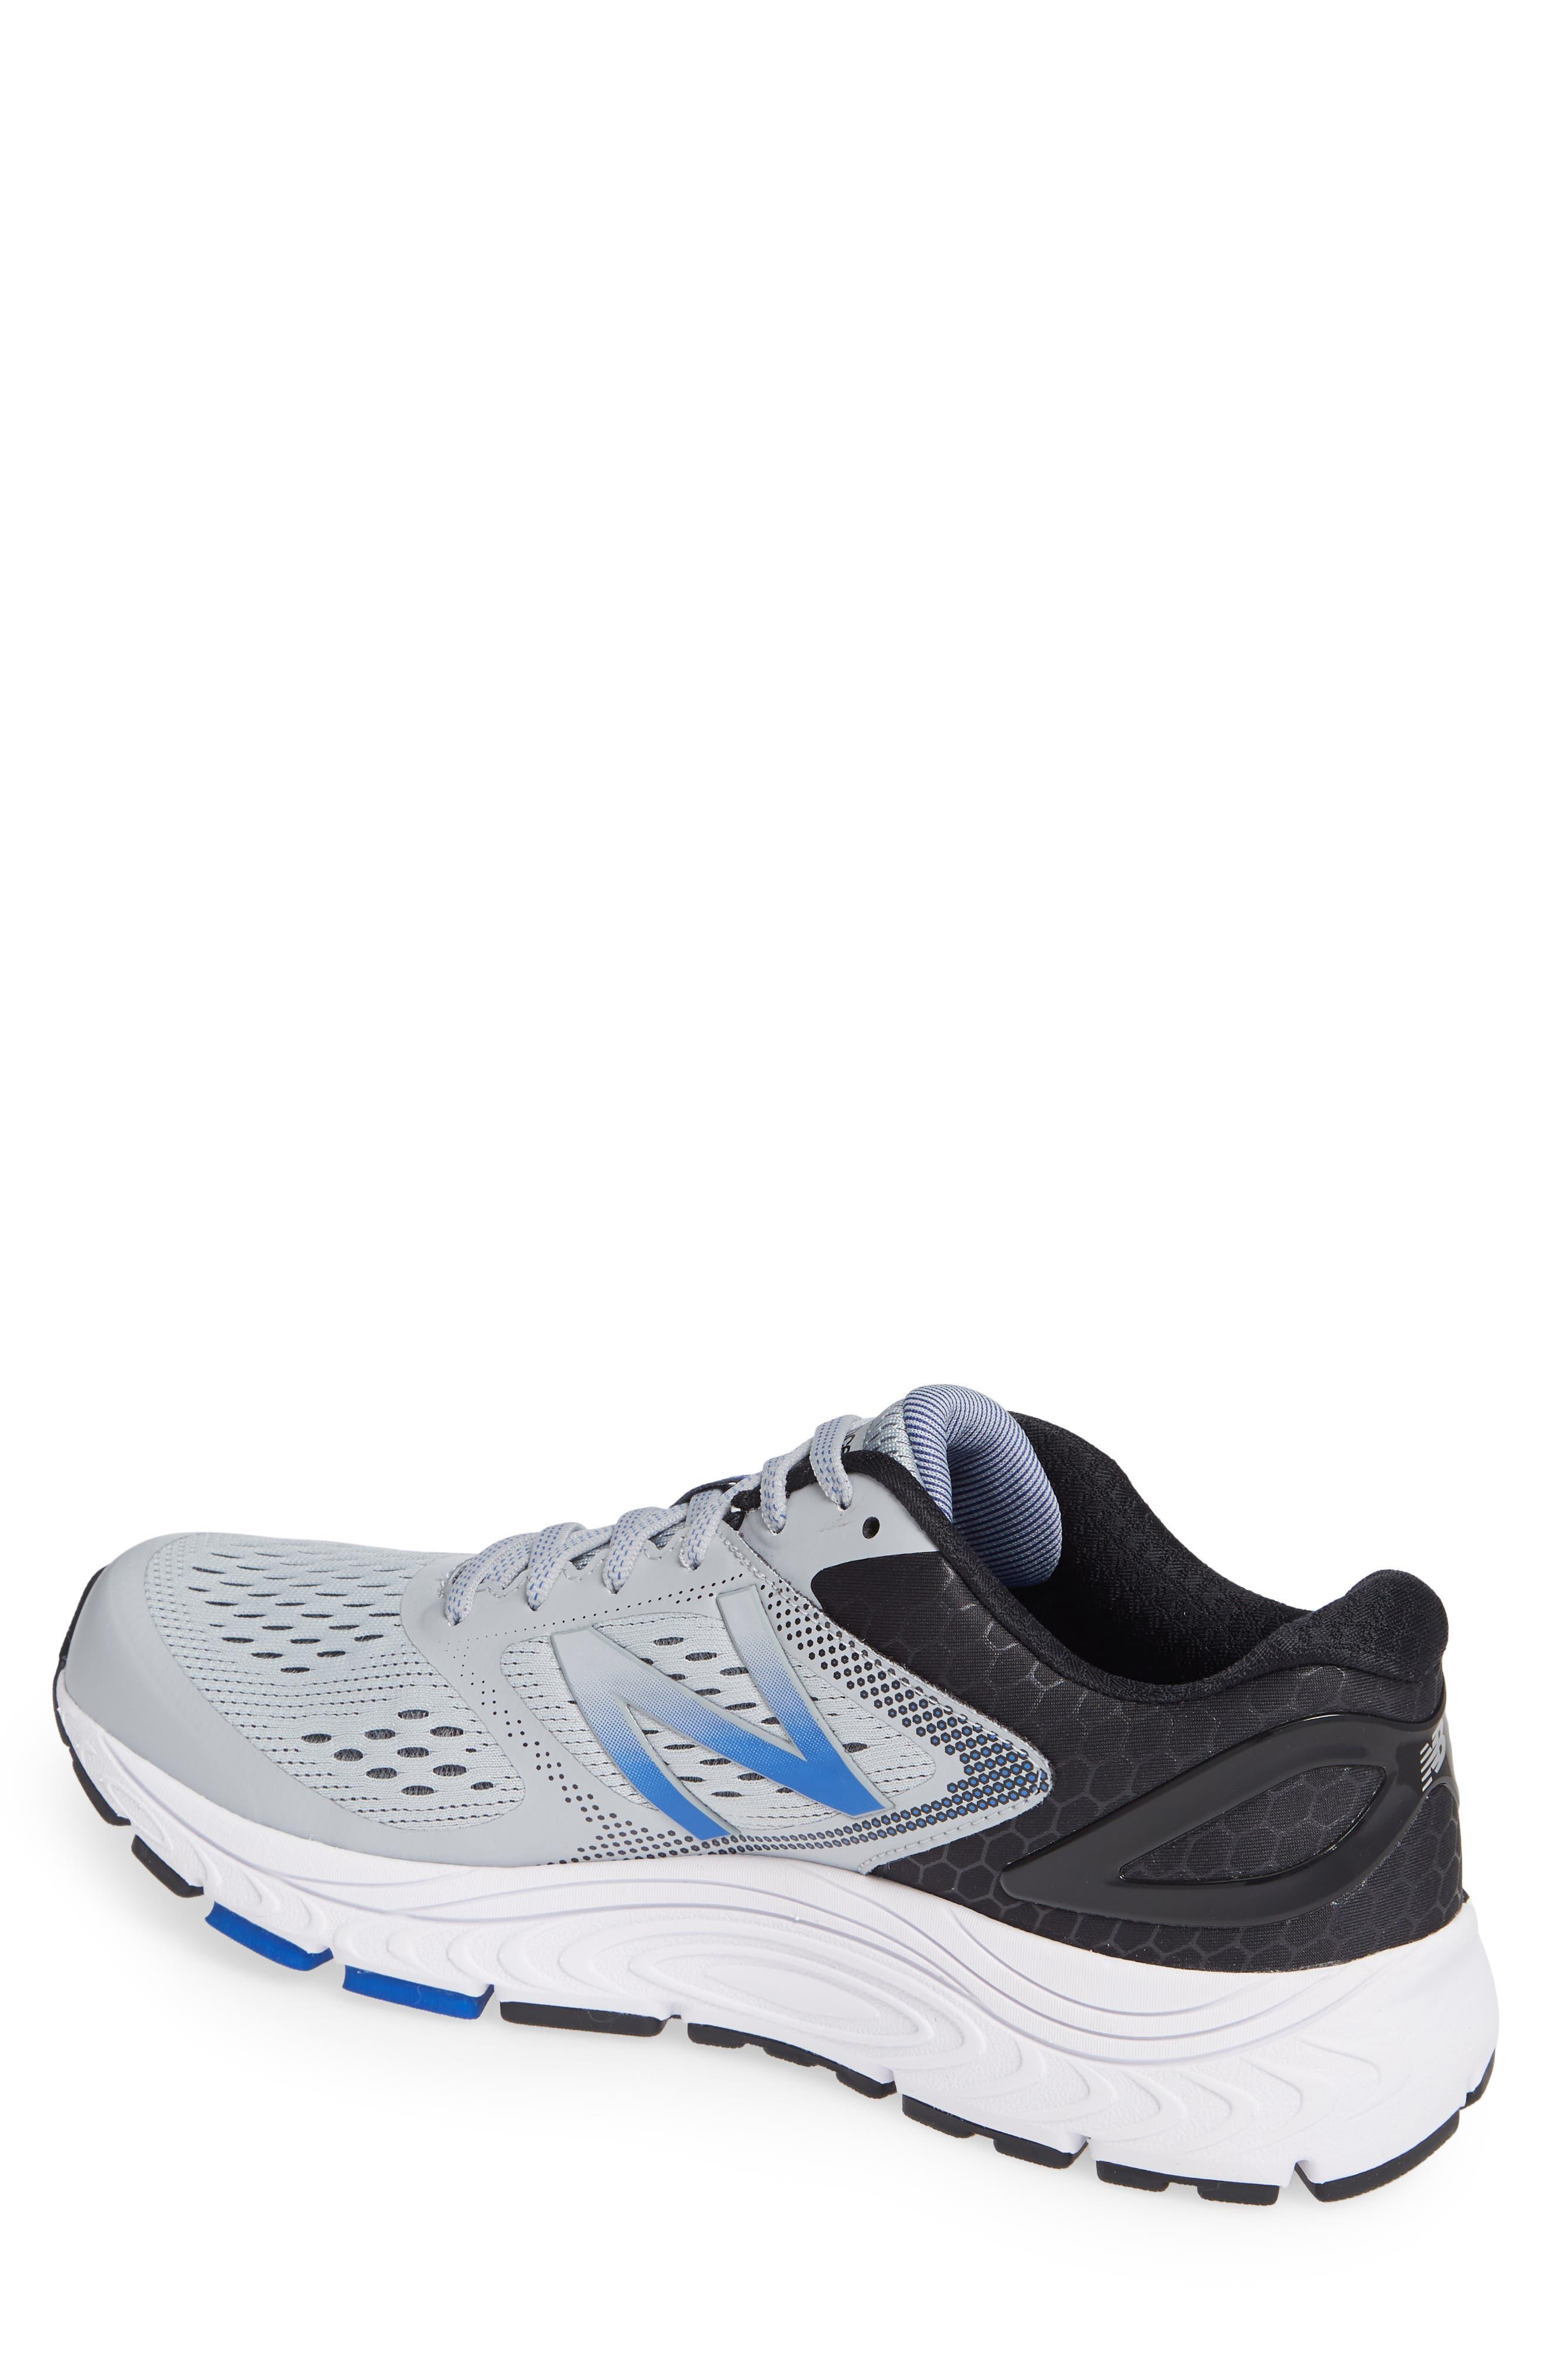 NEW BALANCE,                             840v4 Running Shoe,                             Alternate thumbnail 2, color,                             039